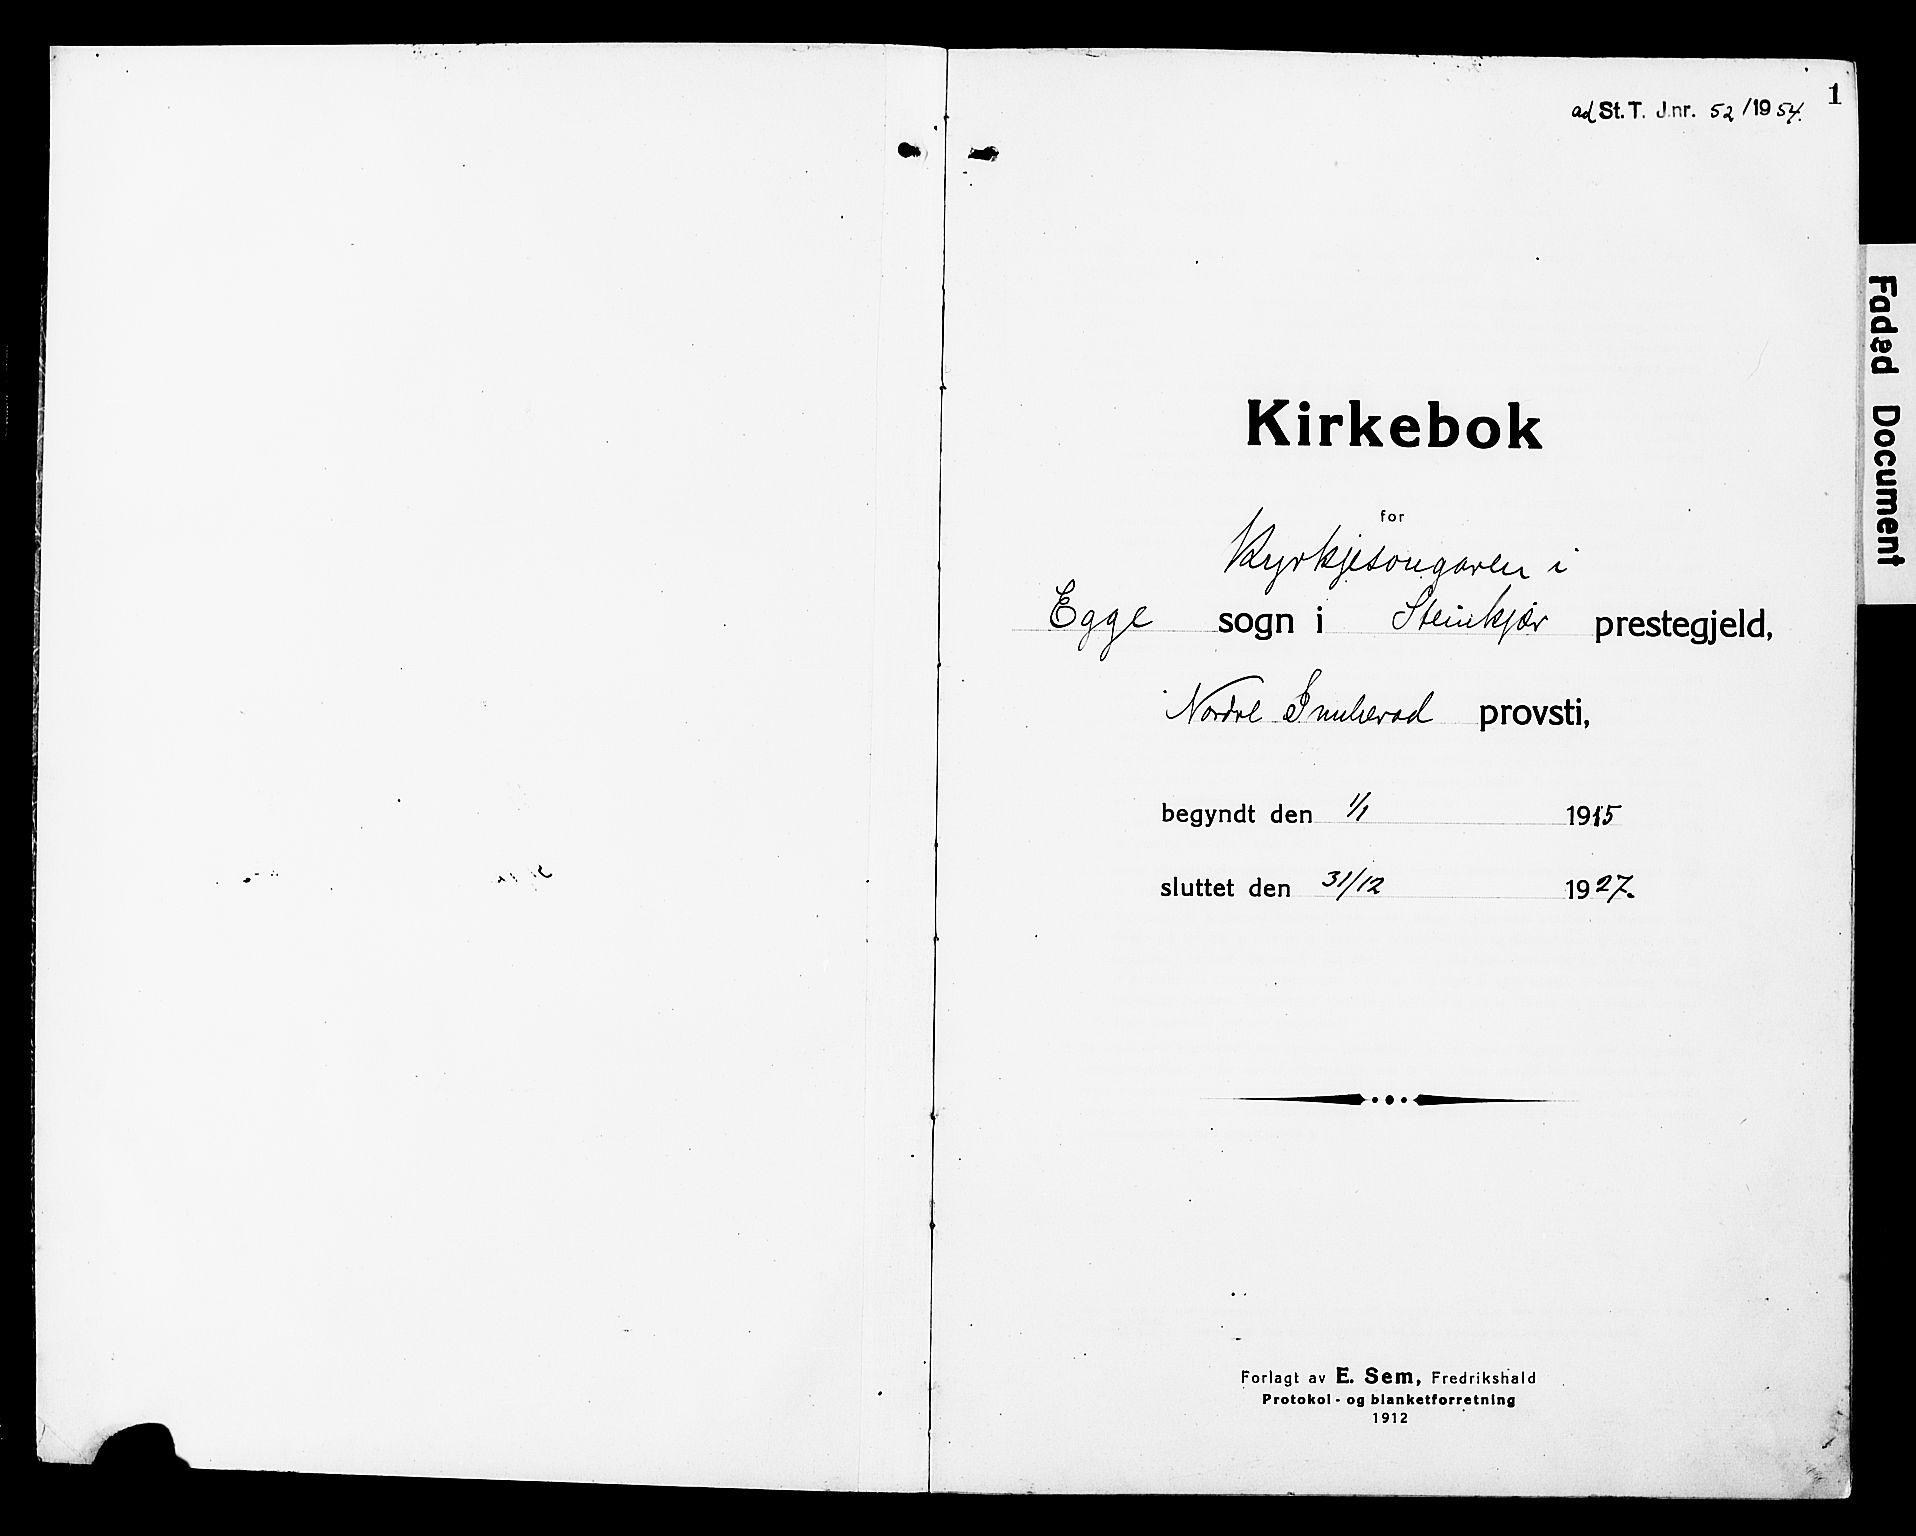 SAT, Ministerialprotokoller, klokkerbøker og fødselsregistre - Nord-Trøndelag, 740/L0382: Klokkerbok nr. 740C03, 1915-1927, s. 1